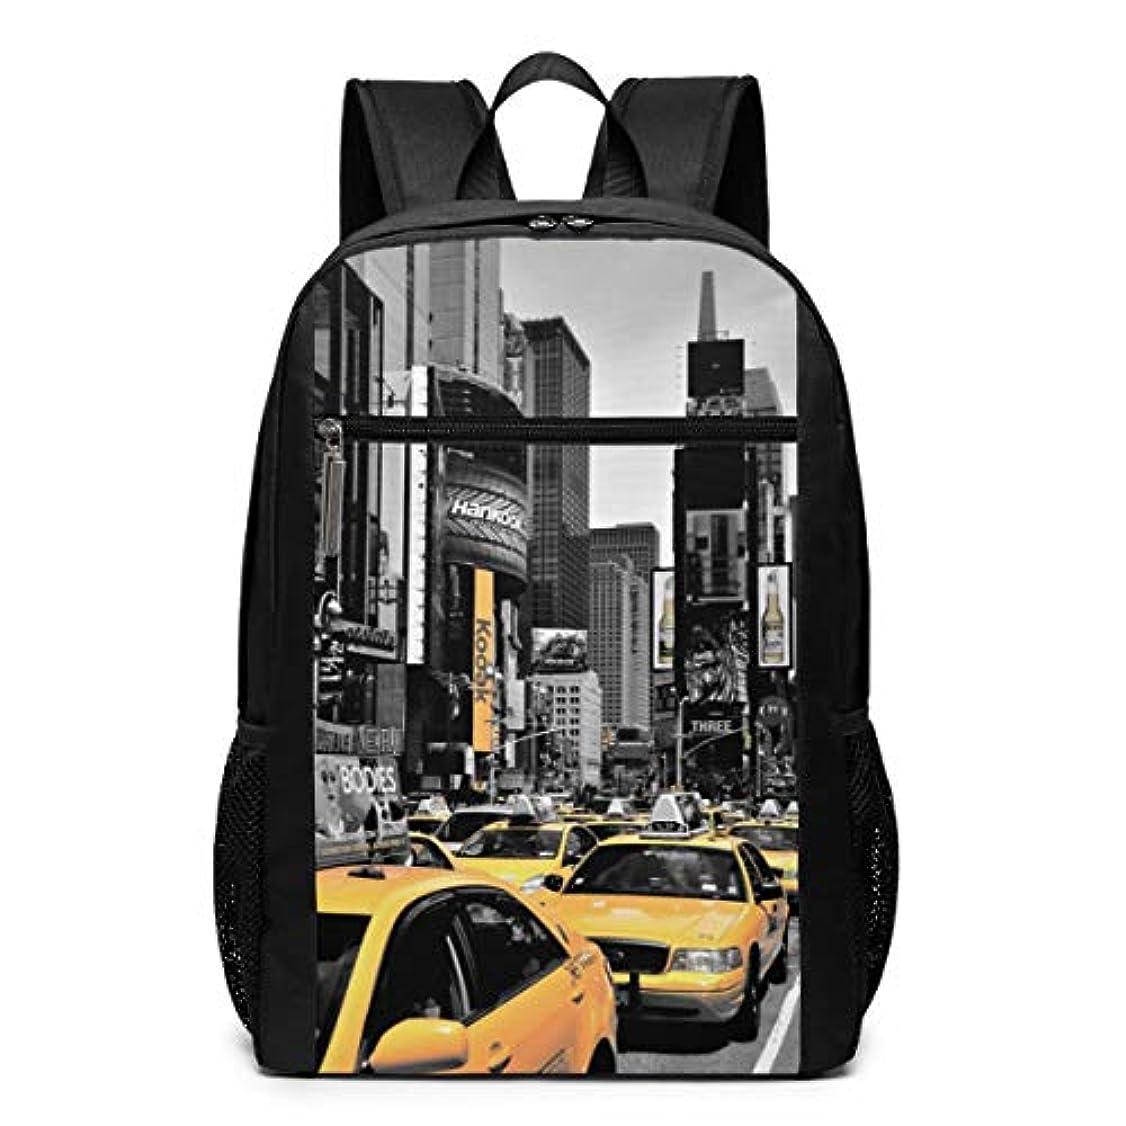 断言する剣報復するMy Life リュックサック ニューヨーク 黄色い タクシー 町並み メンズ バックパック リ ュック デイパック 大 おしゃれ 出張/旅行/通勤/アウトドアに適用 大容量 多機能 人気 学生 高校生 (17インチ)